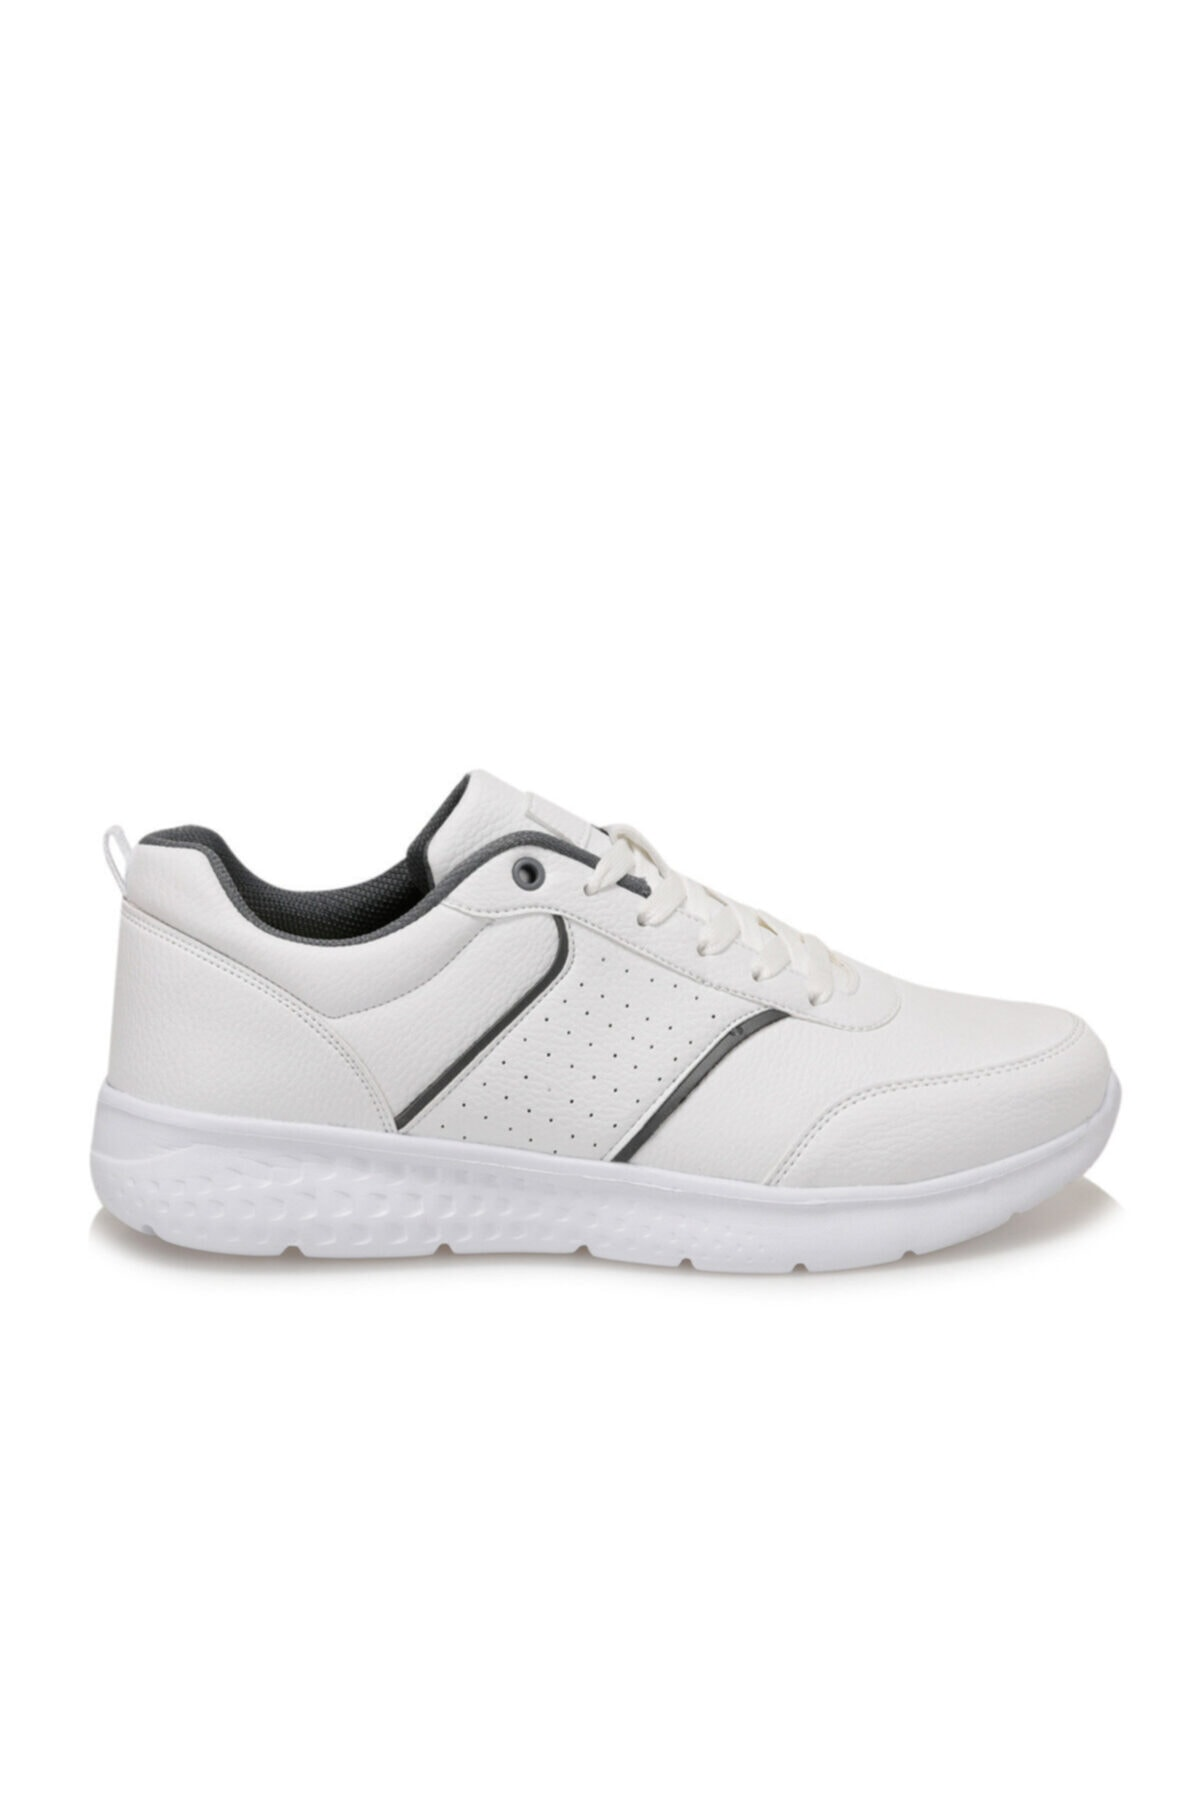 FORESTER EC-2009 Beyaz Erkek Spor Ayakkabı 101015666 2